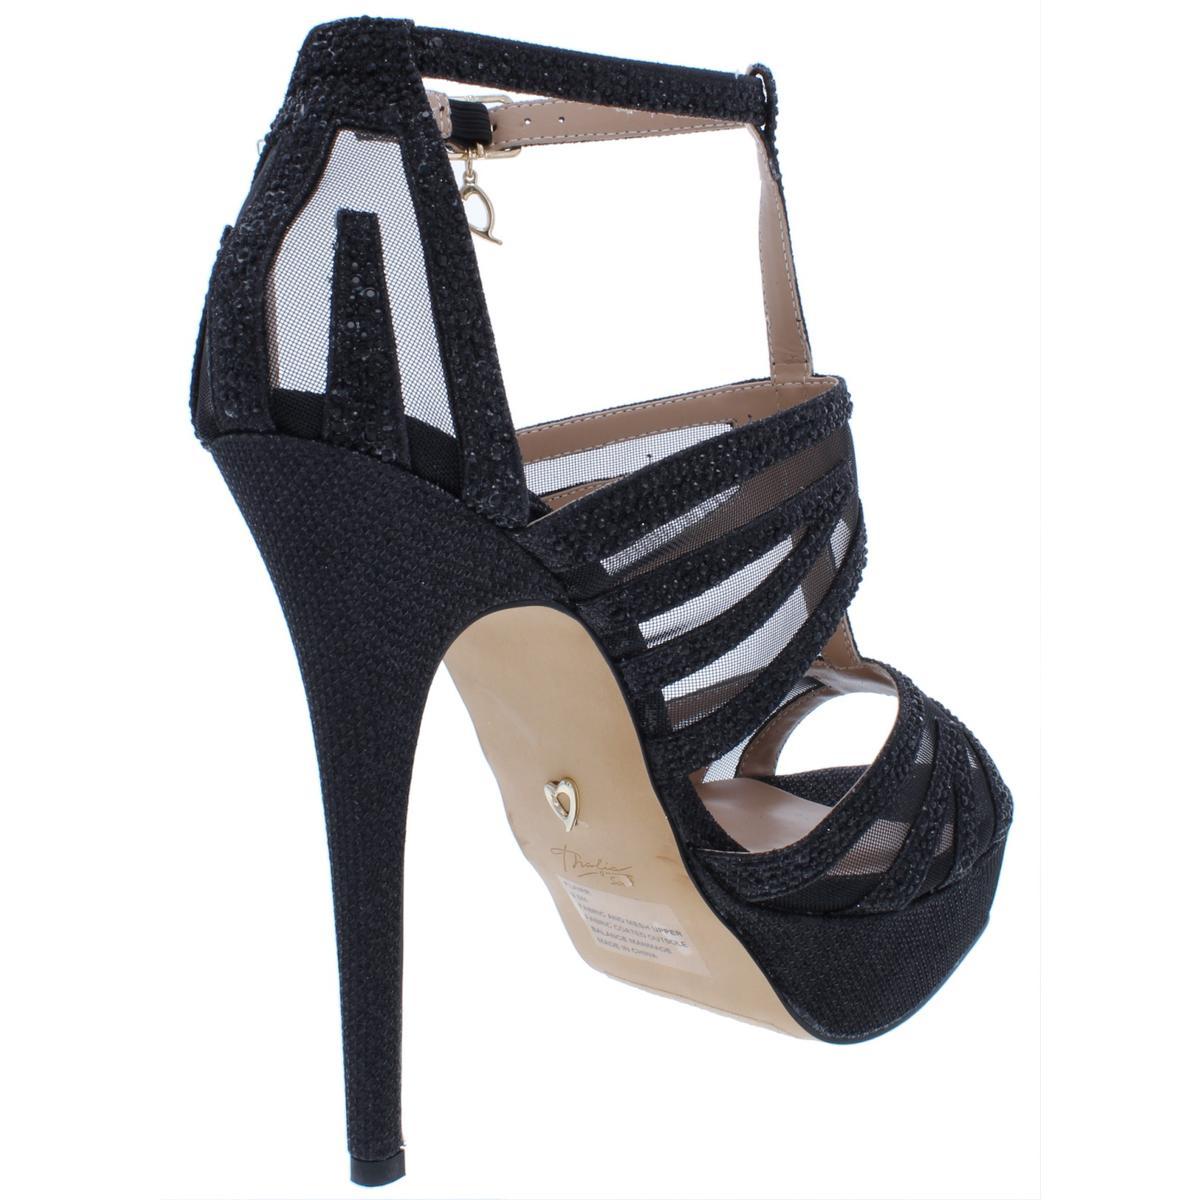 Thalia-Sodi-Womens-Flairr-Stilettos-Open-Toe-Evening-Heels-Platforms-BHFO-3444 thumbnail 4